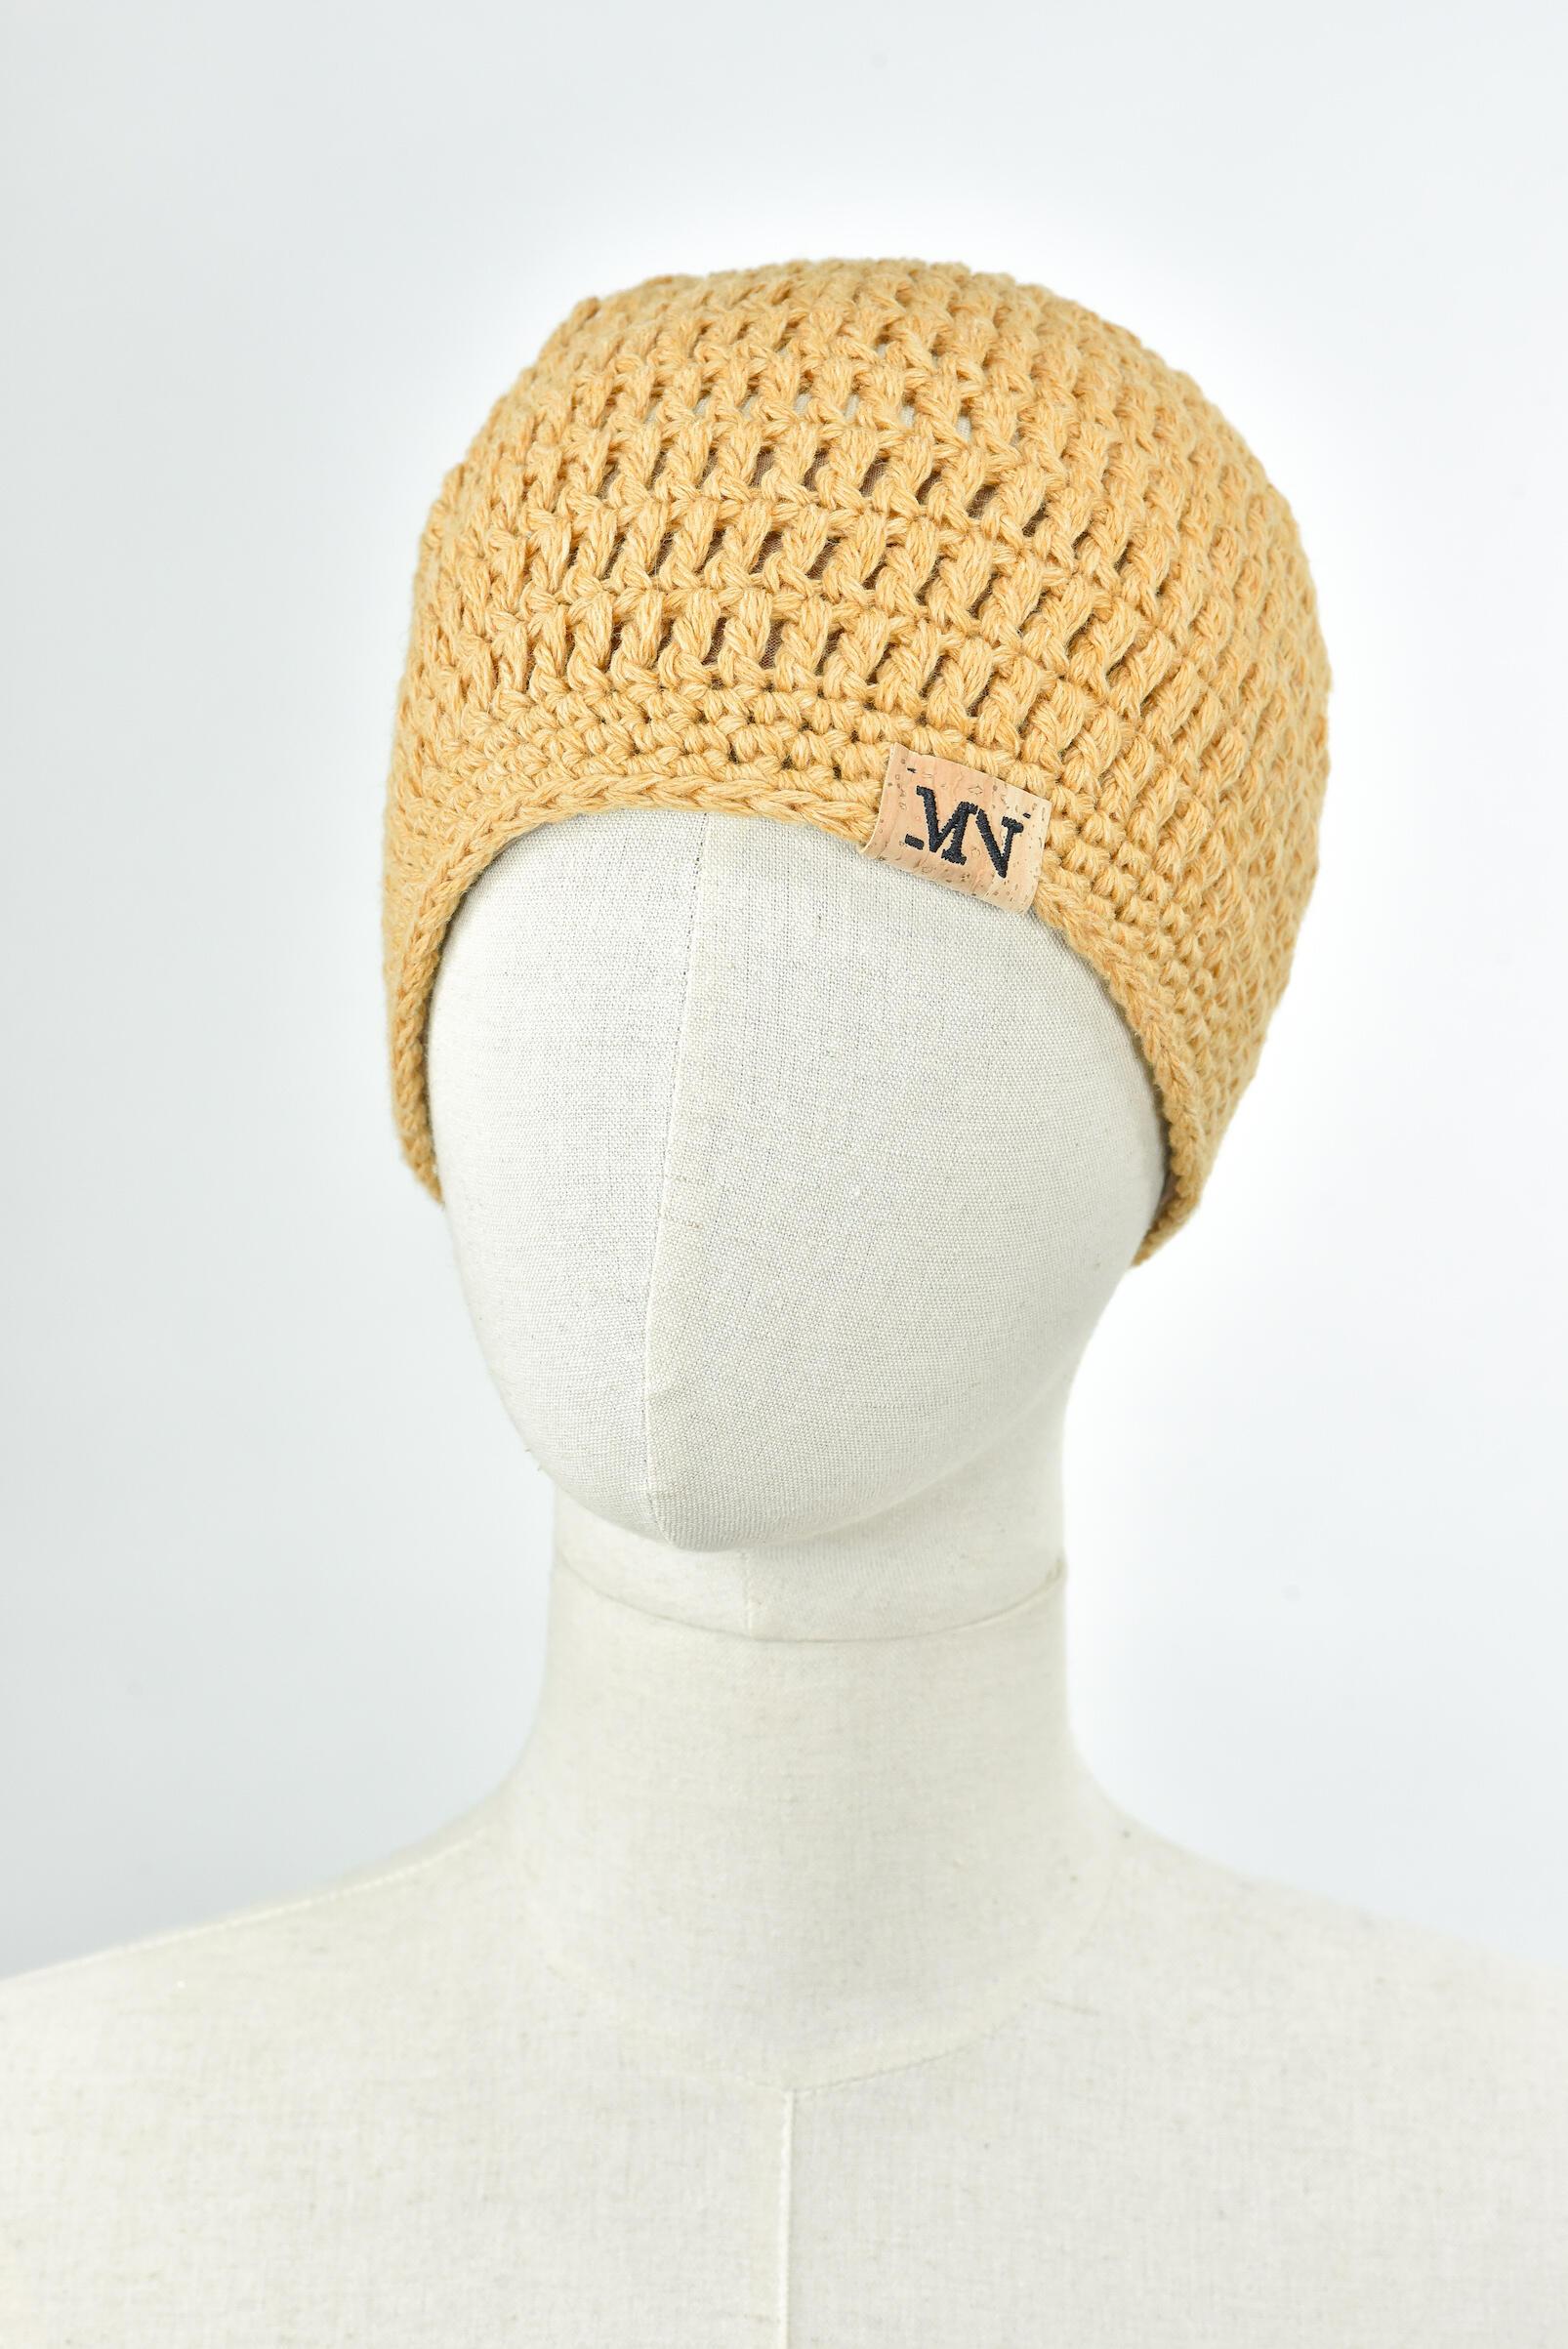 Bonnet MN - Moutard